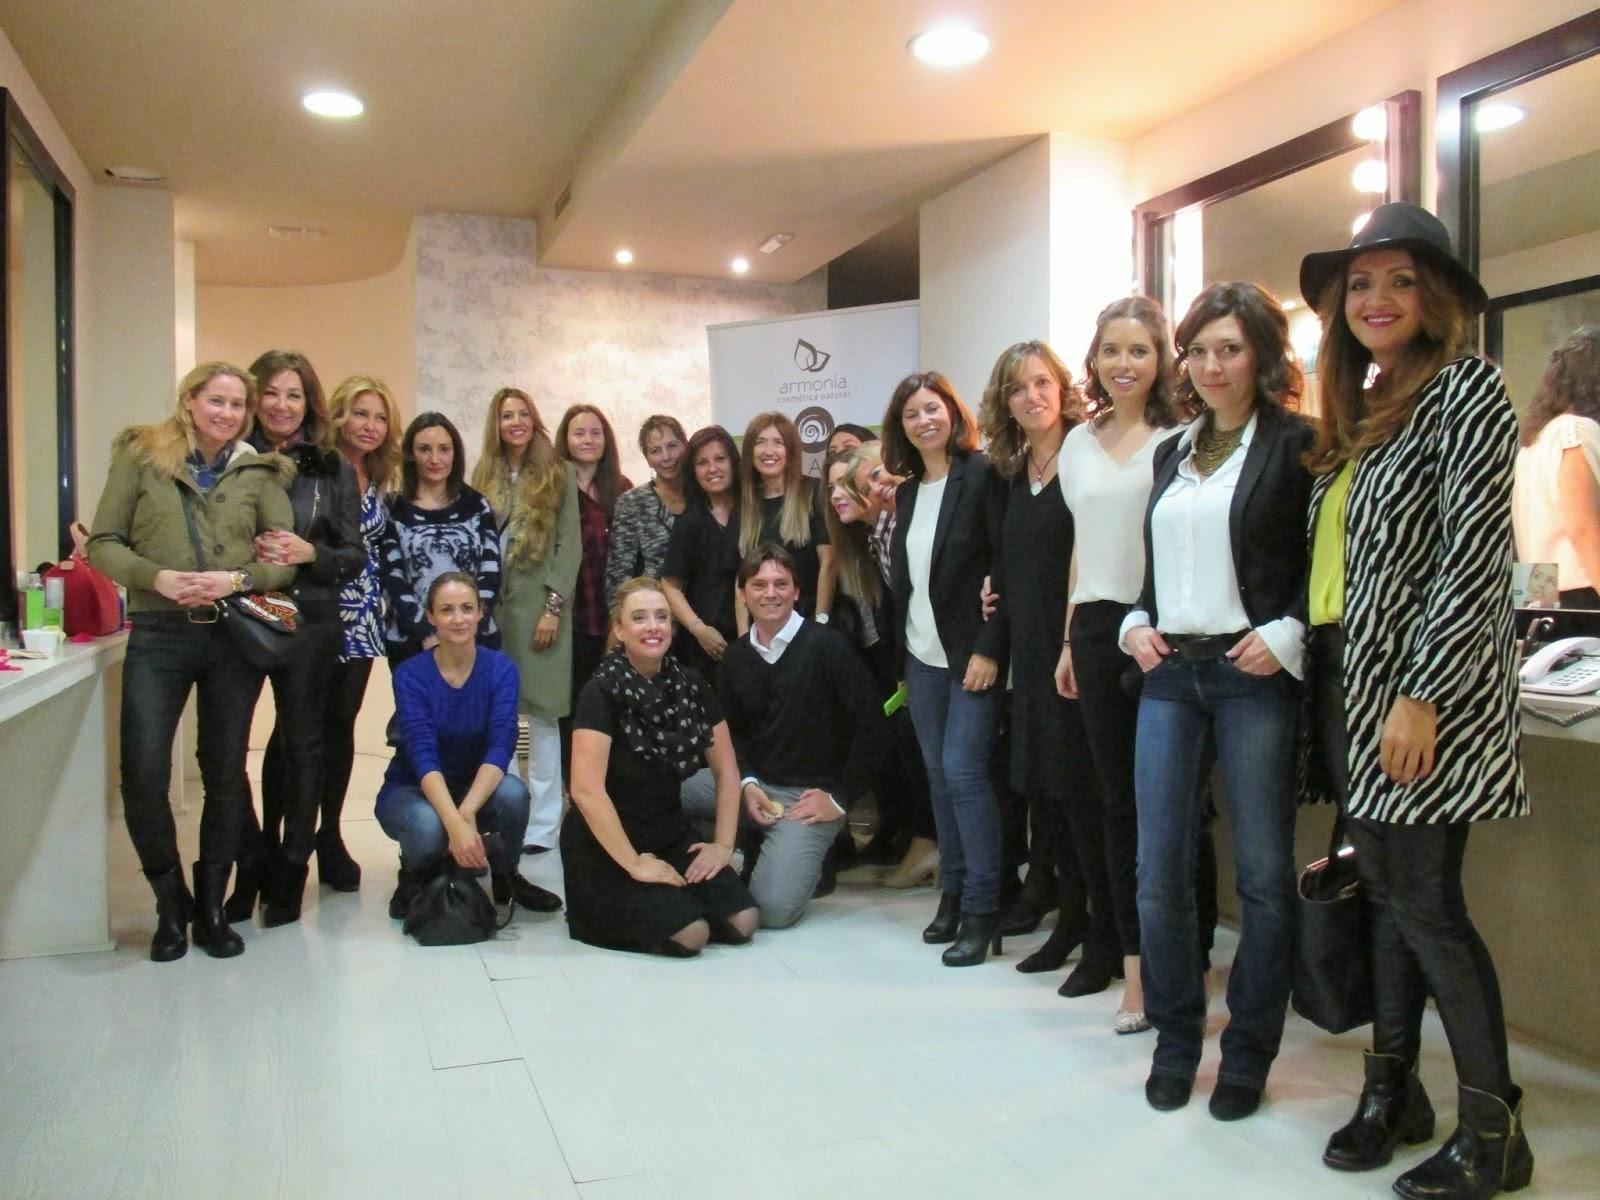 Fiona Ferrer, Teresa de la Cierva, Ana Rosa Quintana, Cristina Tárrega, Carmen Hummer